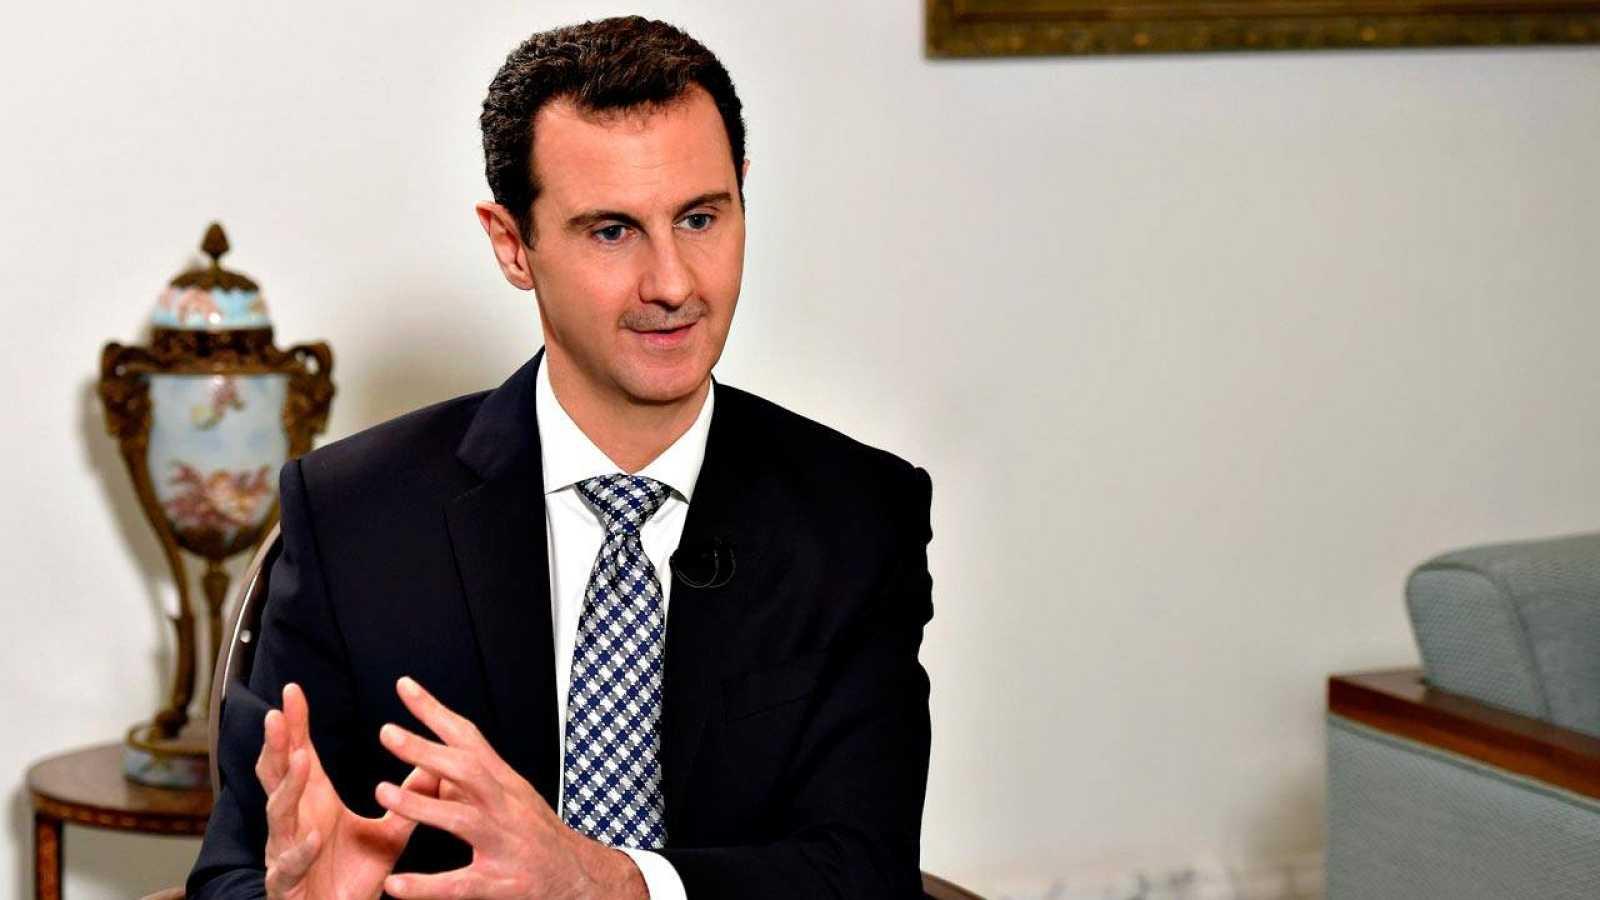 El presidente de Siria, Bachar al Asad, en una entrevista reciente